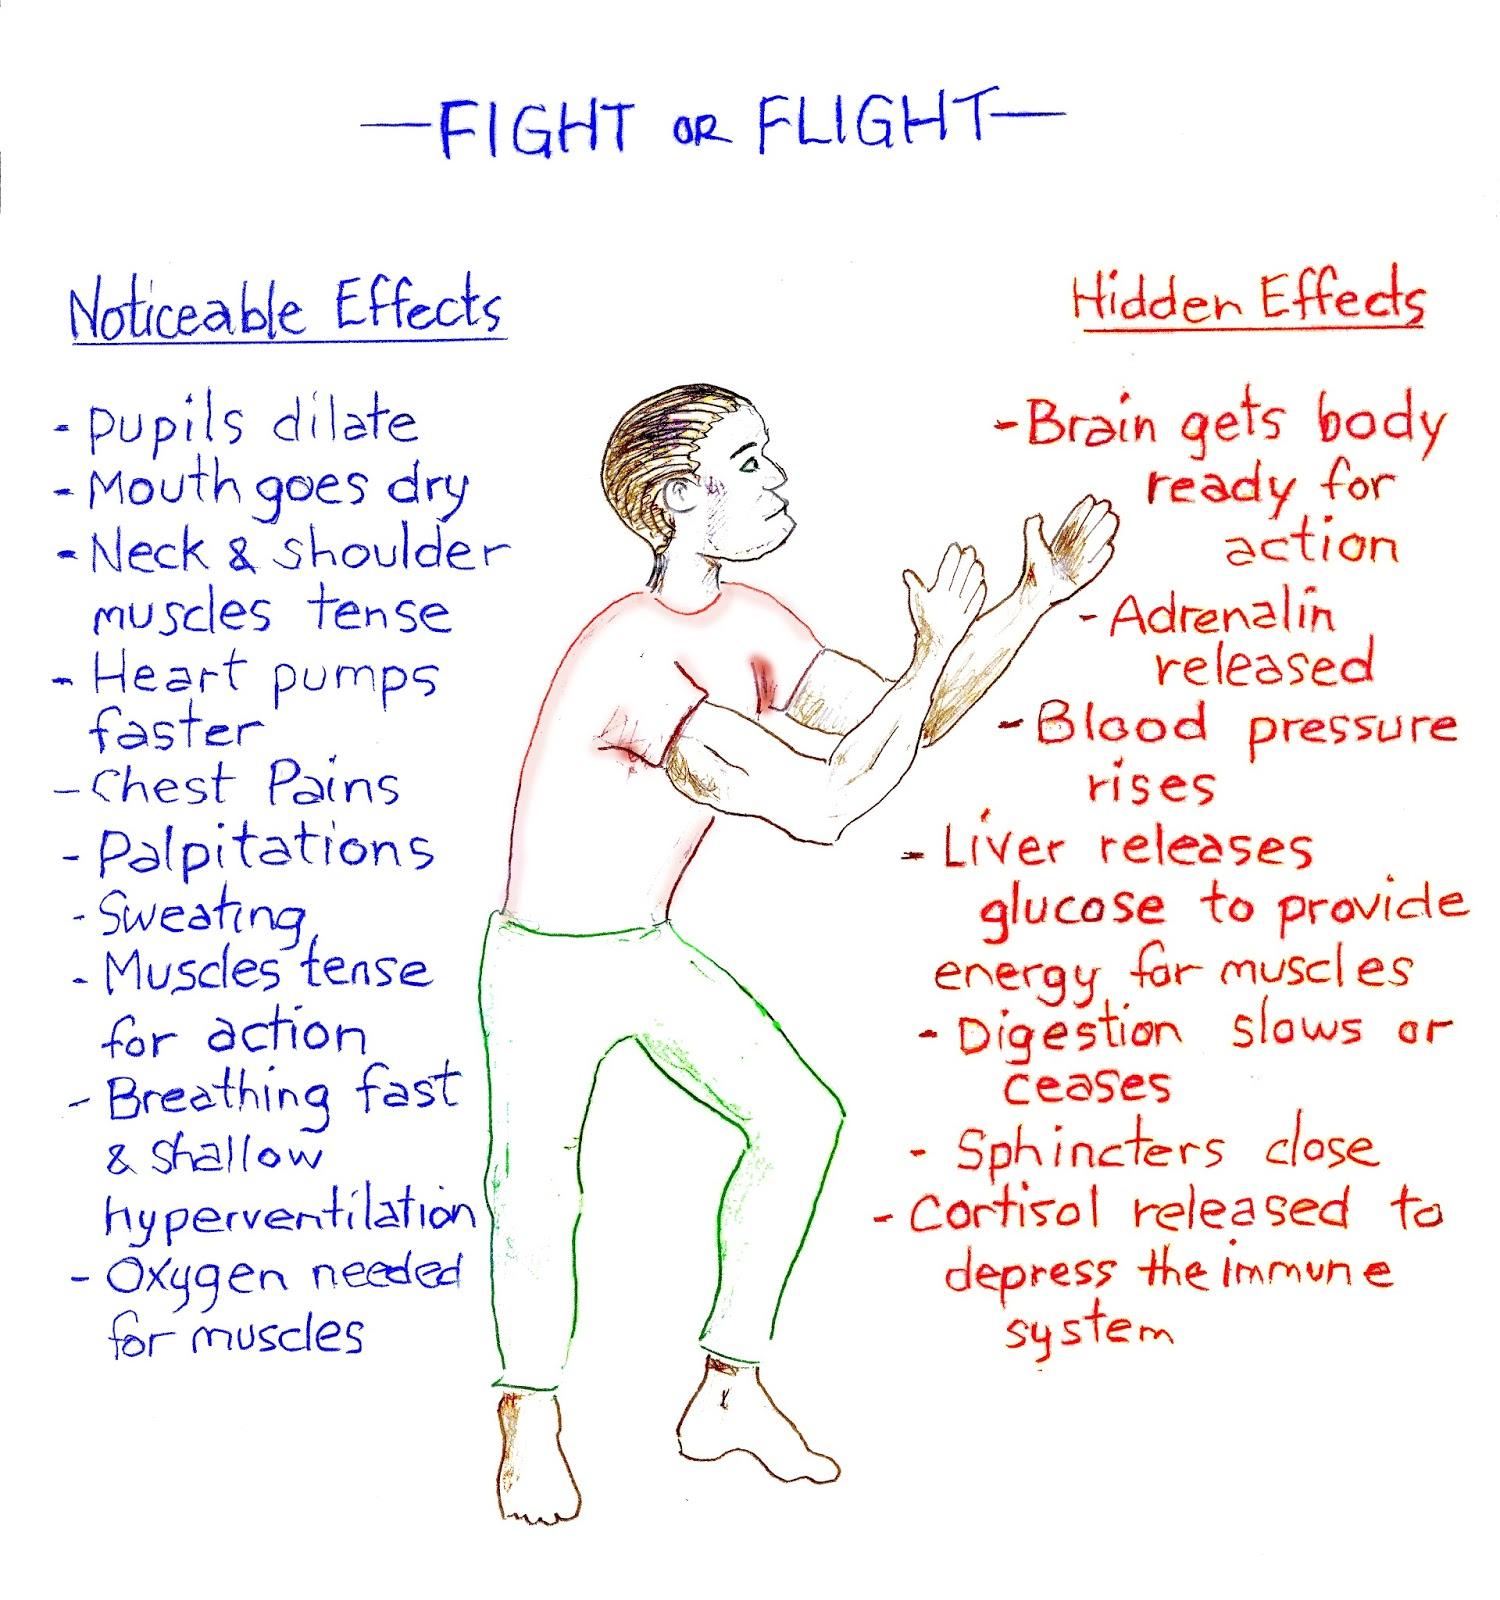 Fight_or_flight2